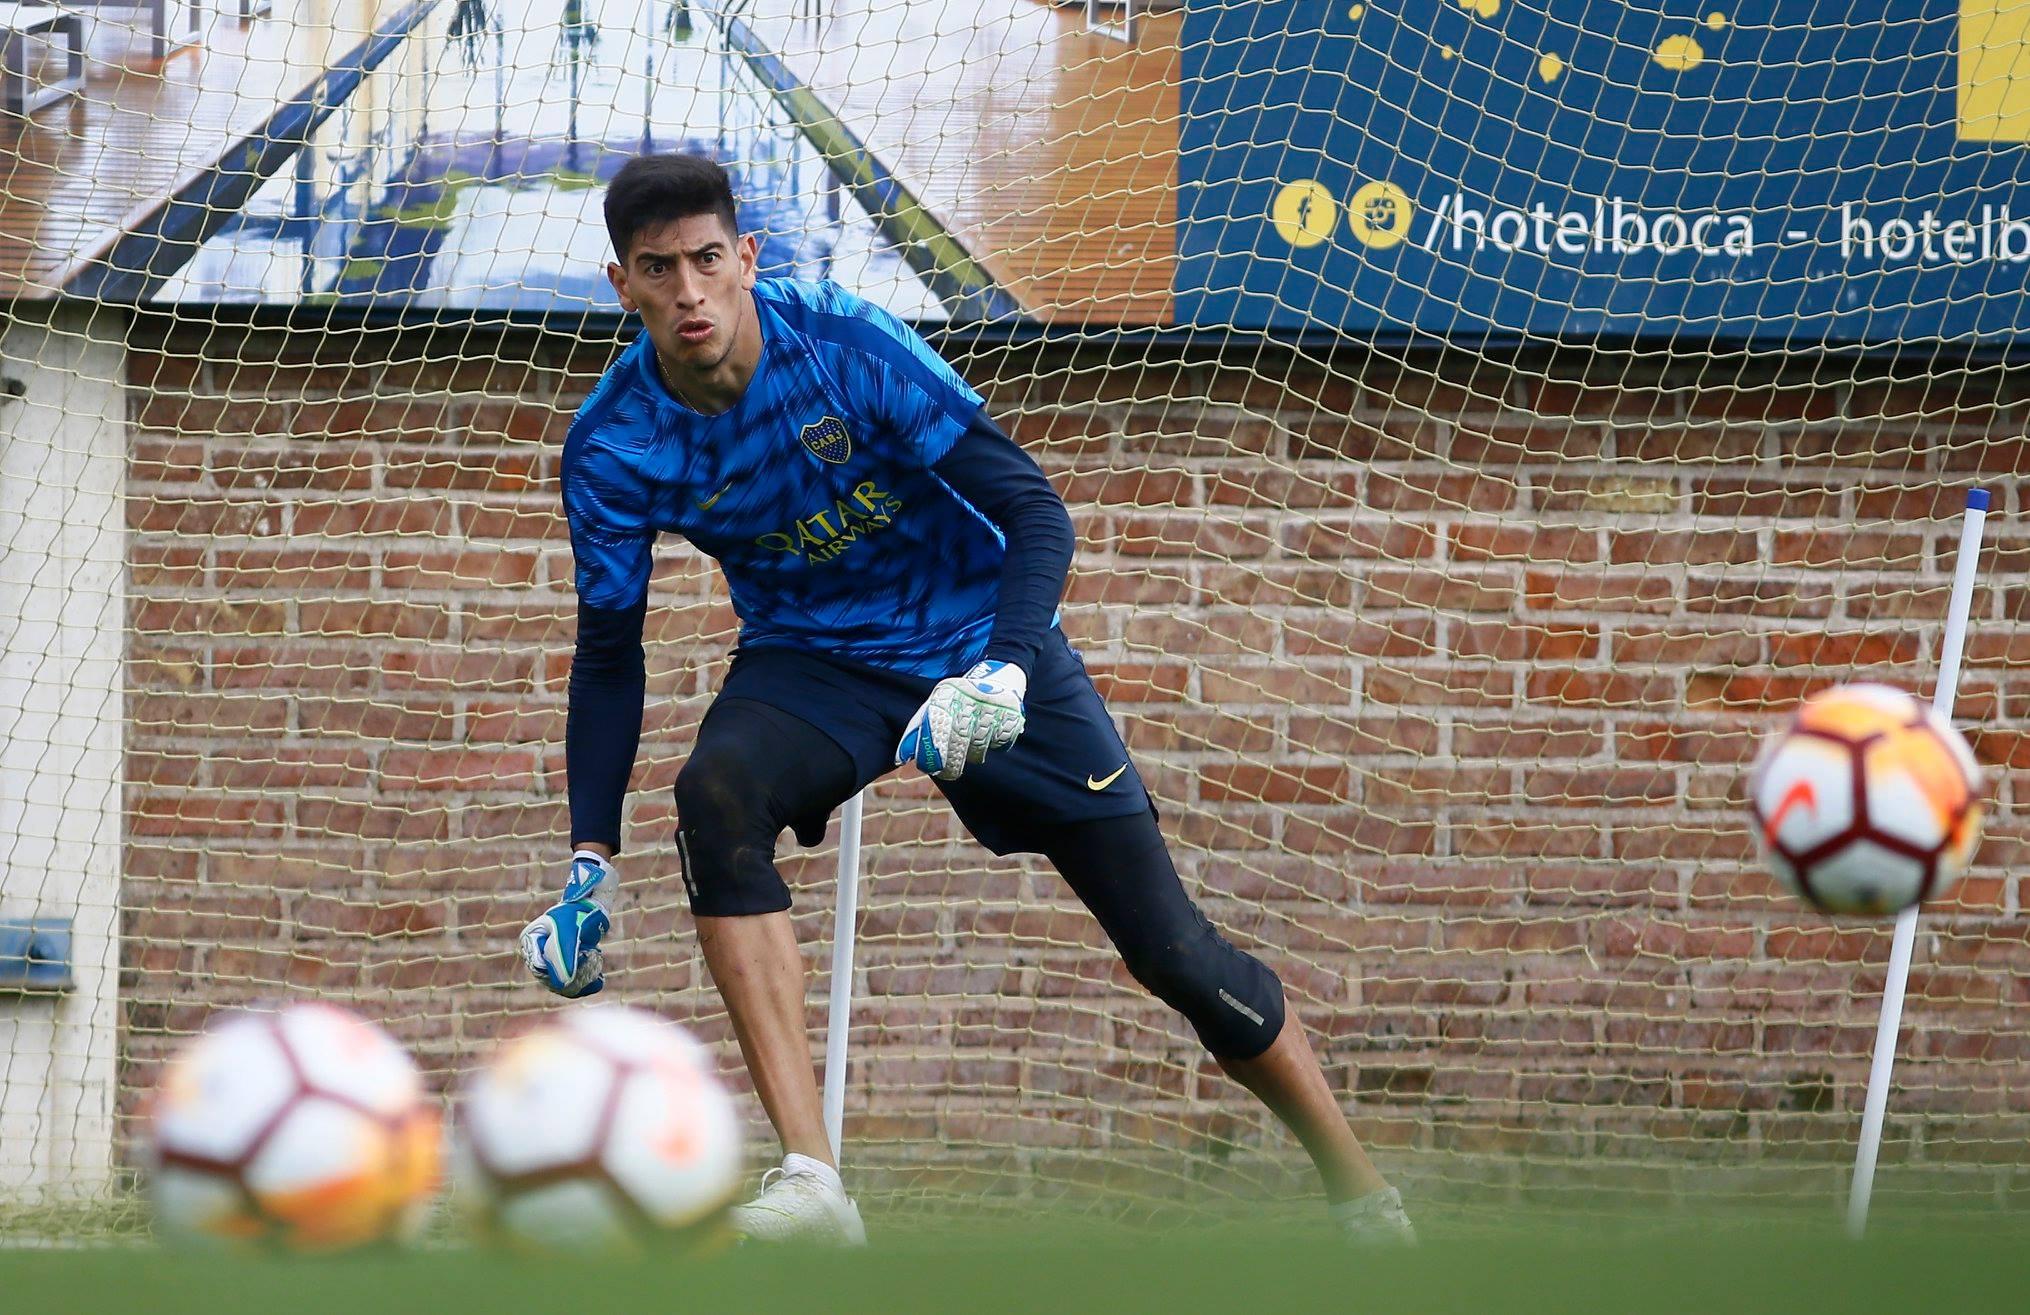 Reforço do Boca Juniors, goleiro Andrada treina para enfrentar o Cruzeiro na Libertadores. Crédito: Divulgação